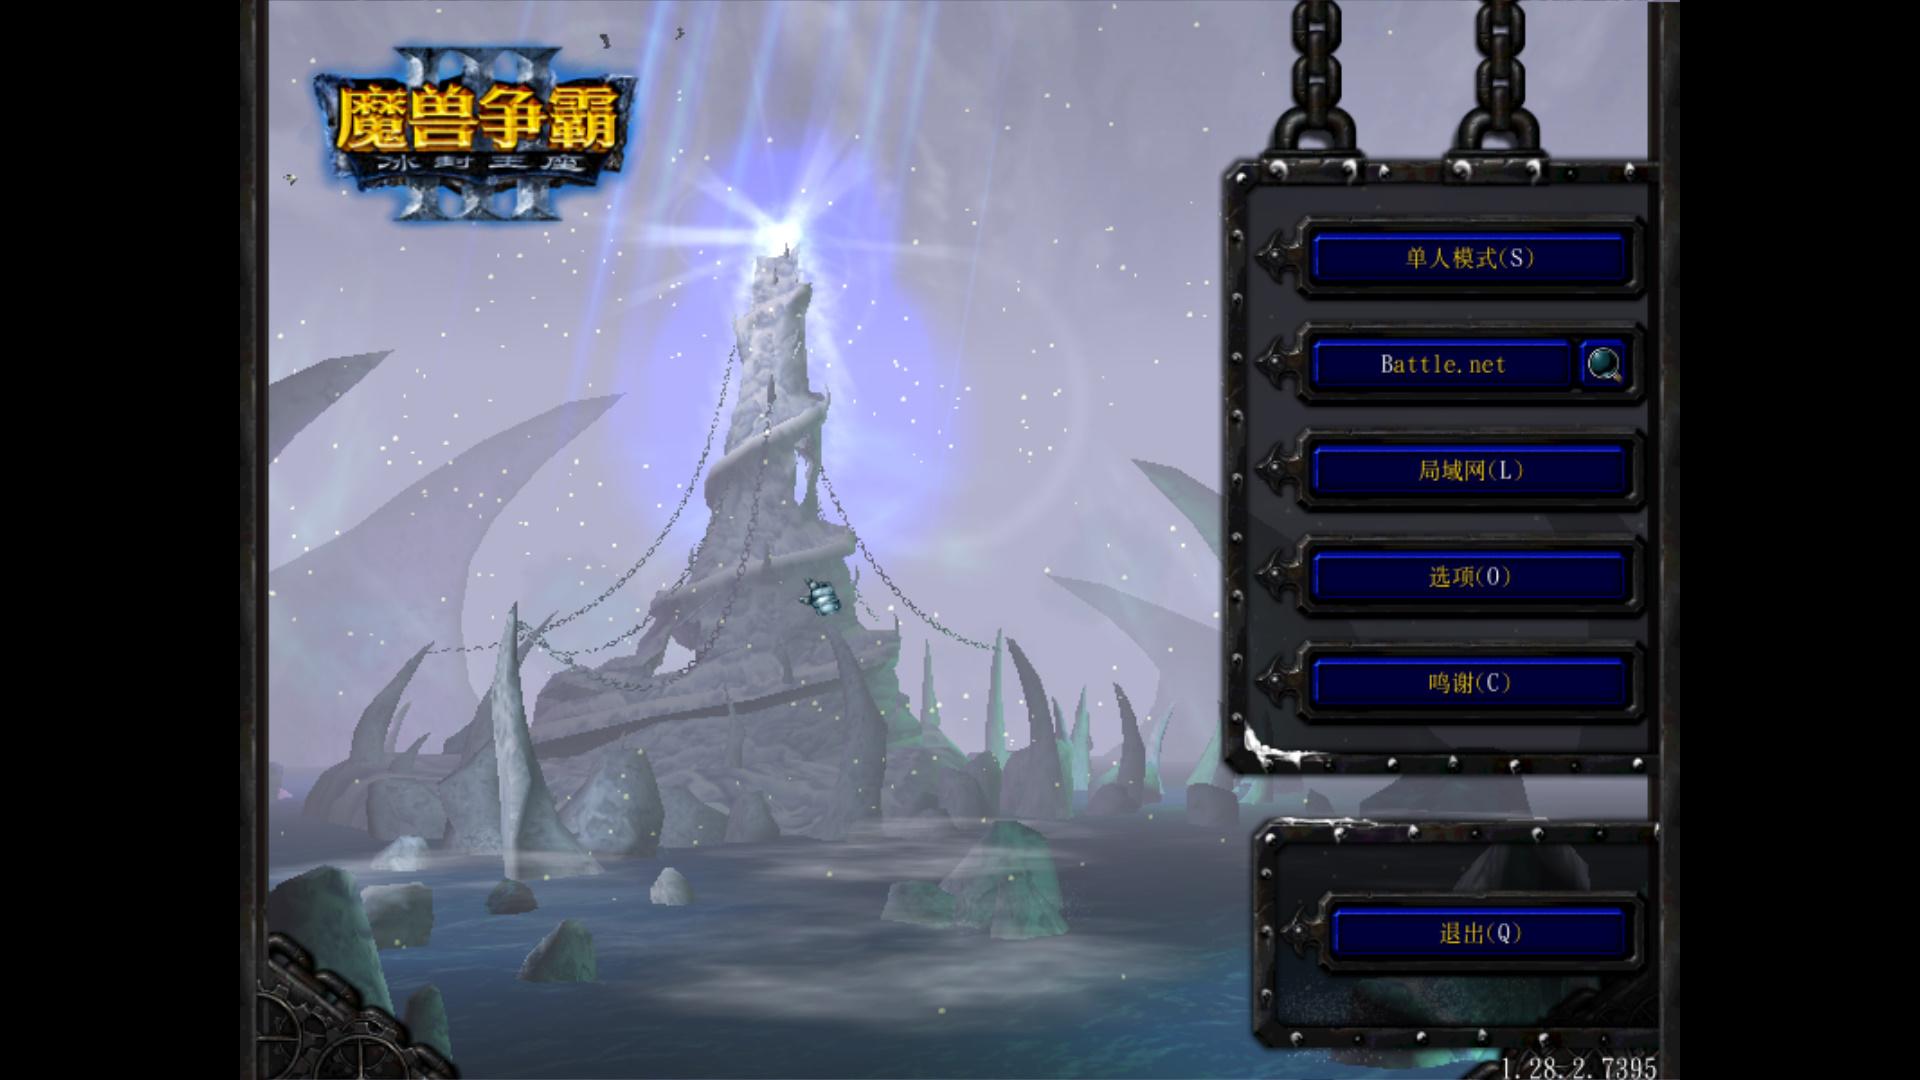 《魔兽争霸3》冰封王座v1.24b补丁的v1.24c